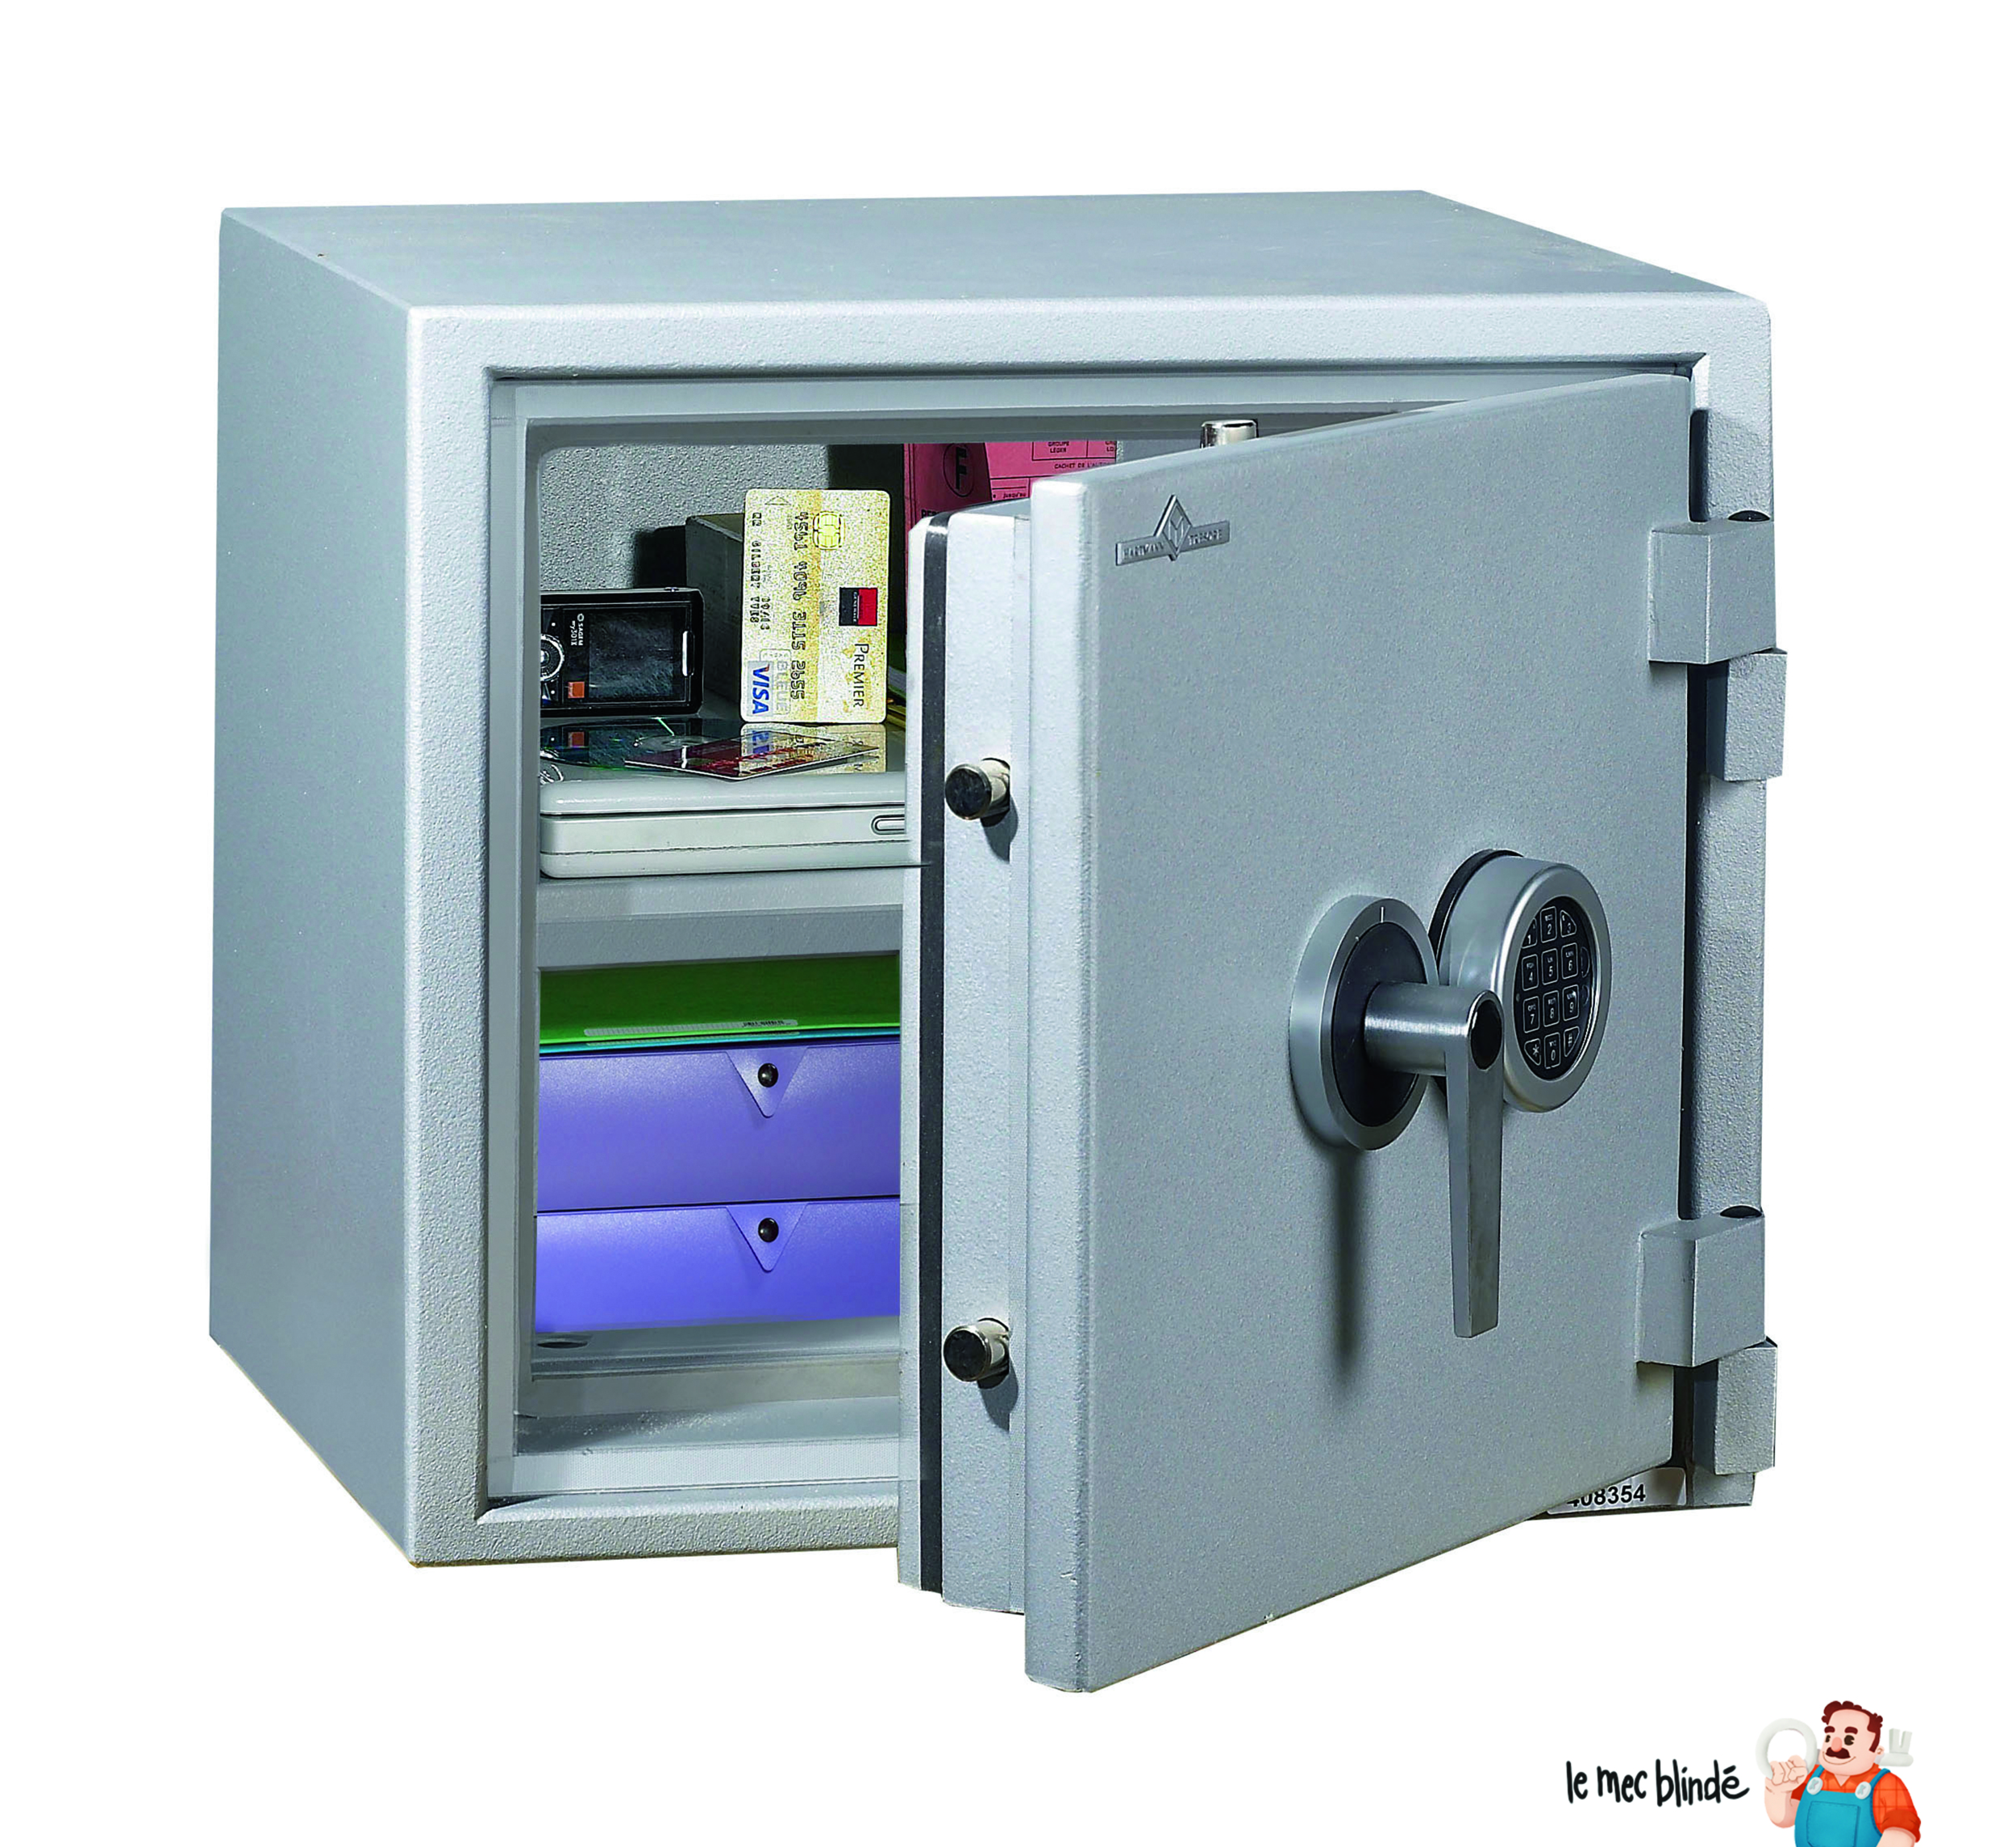 armoire forte blind e ignifuge hartmann pi0050 serrure cl 48 l le mec blind. Black Bedroom Furniture Sets. Home Design Ideas